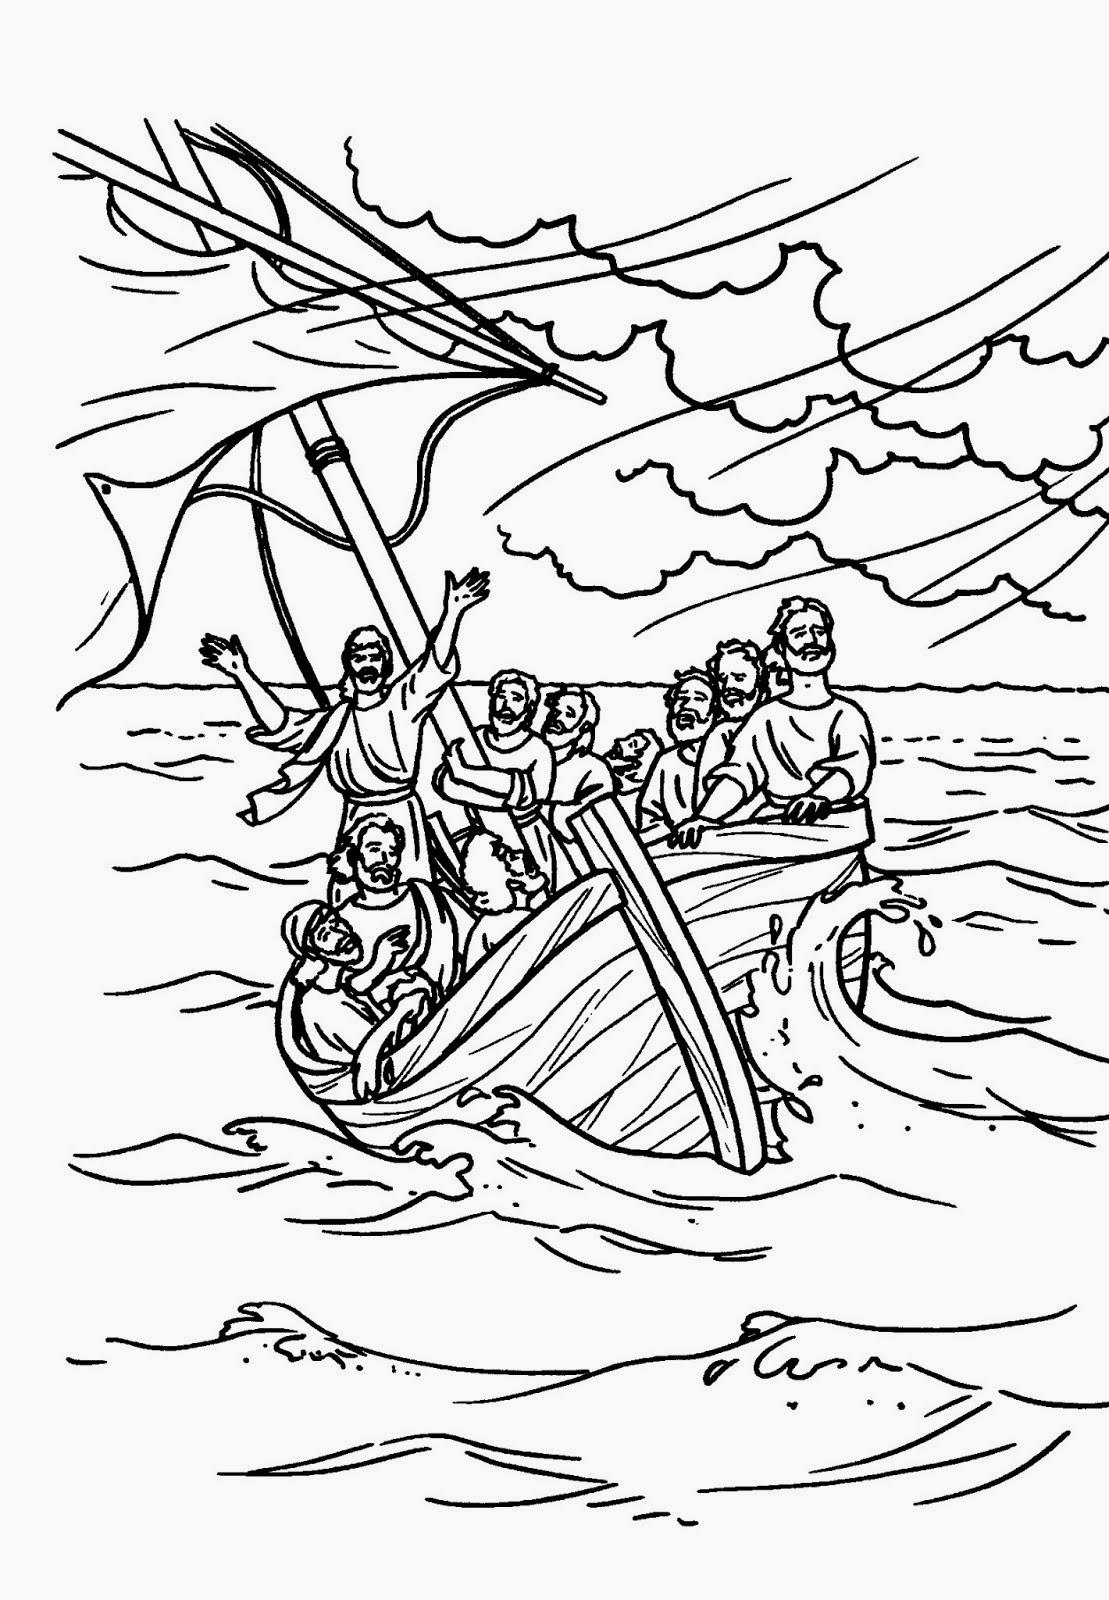 El Renuevo De Jehova: Jesus calma la tempestad - Imagenes para ...